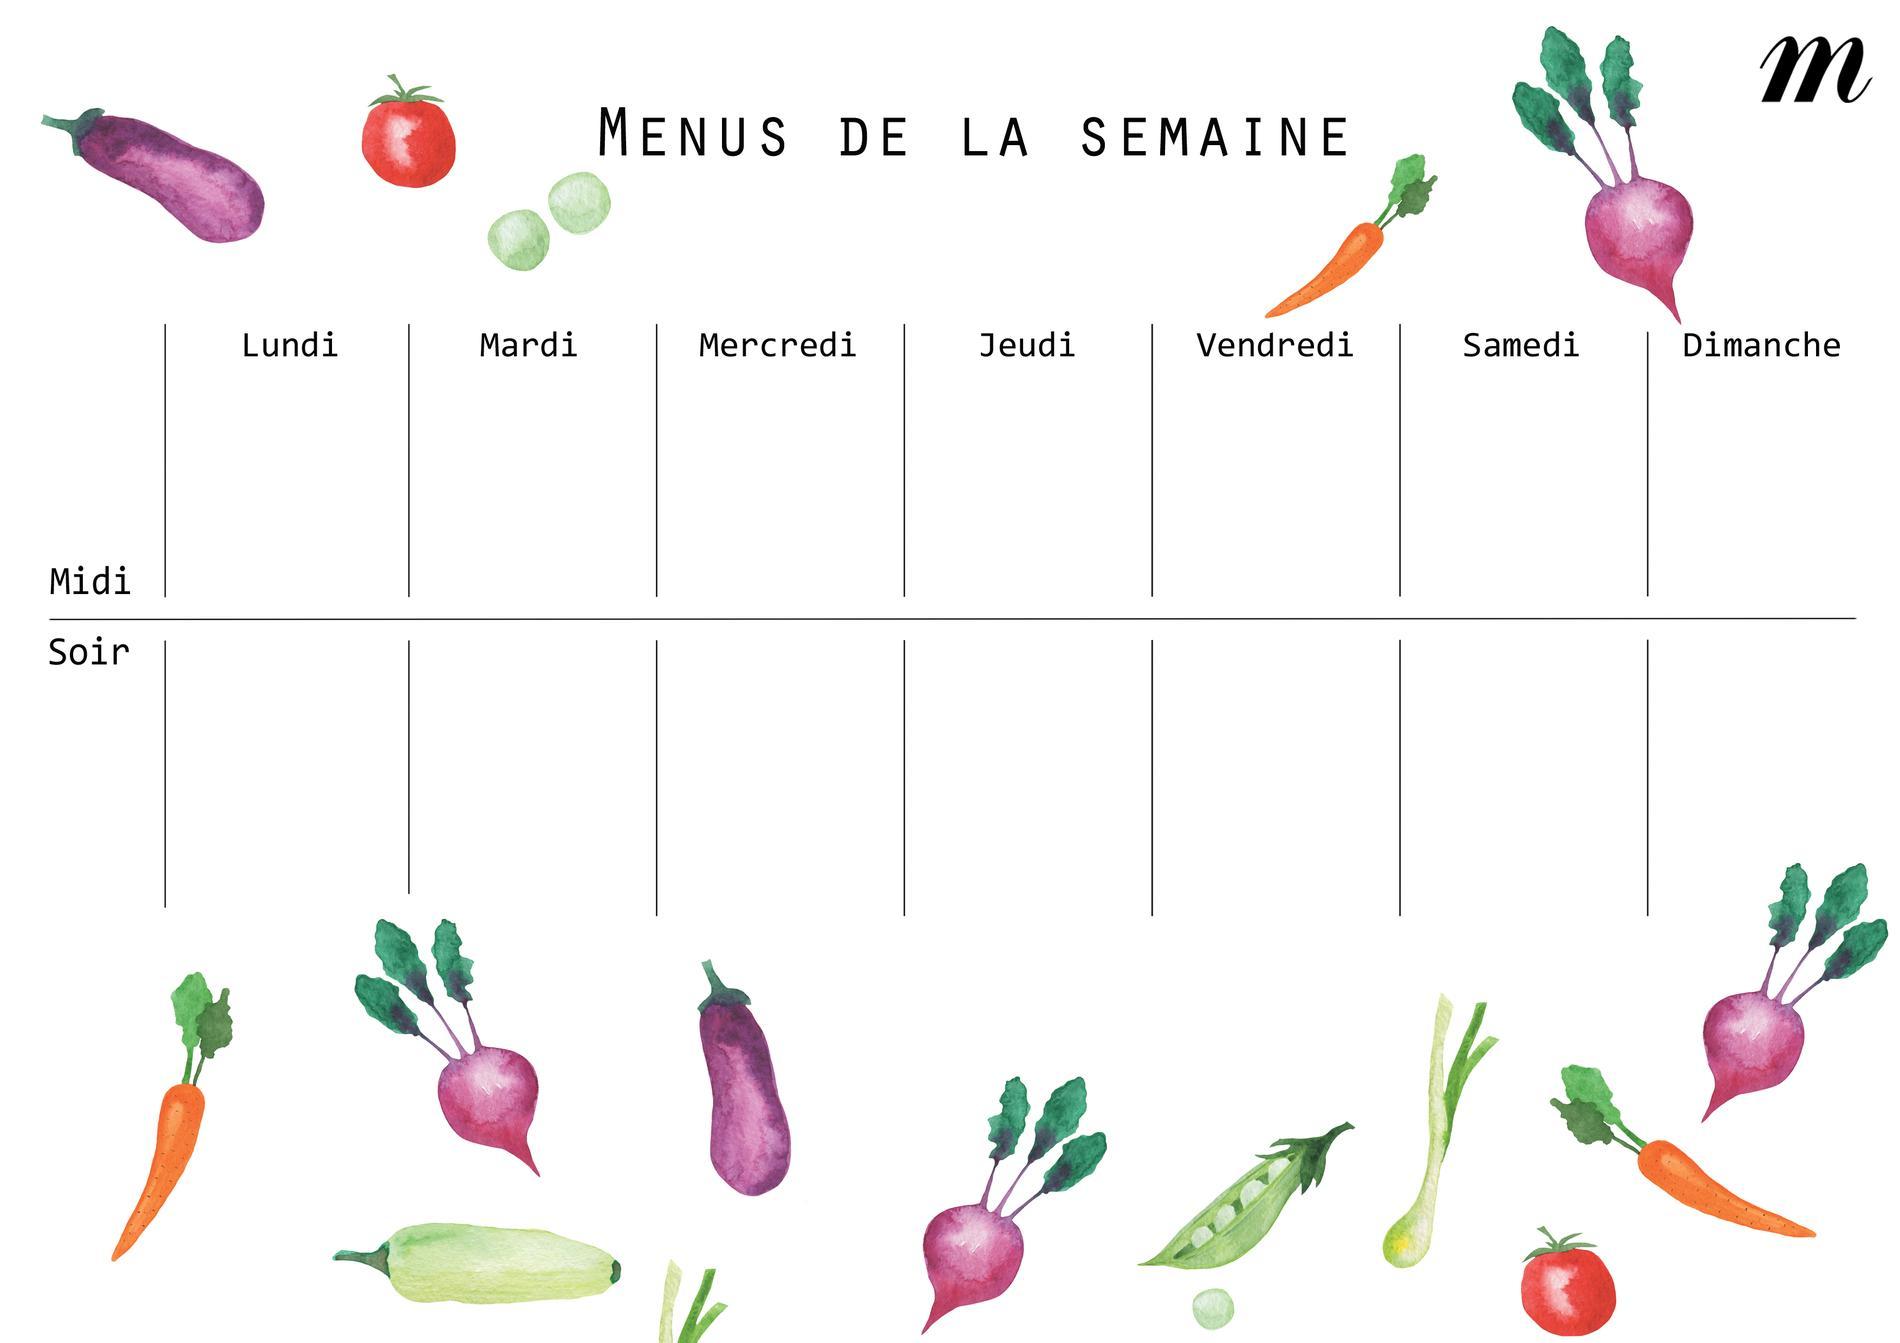 Le guide de survie pour composer ses menus de la semaine - Cuisine ...